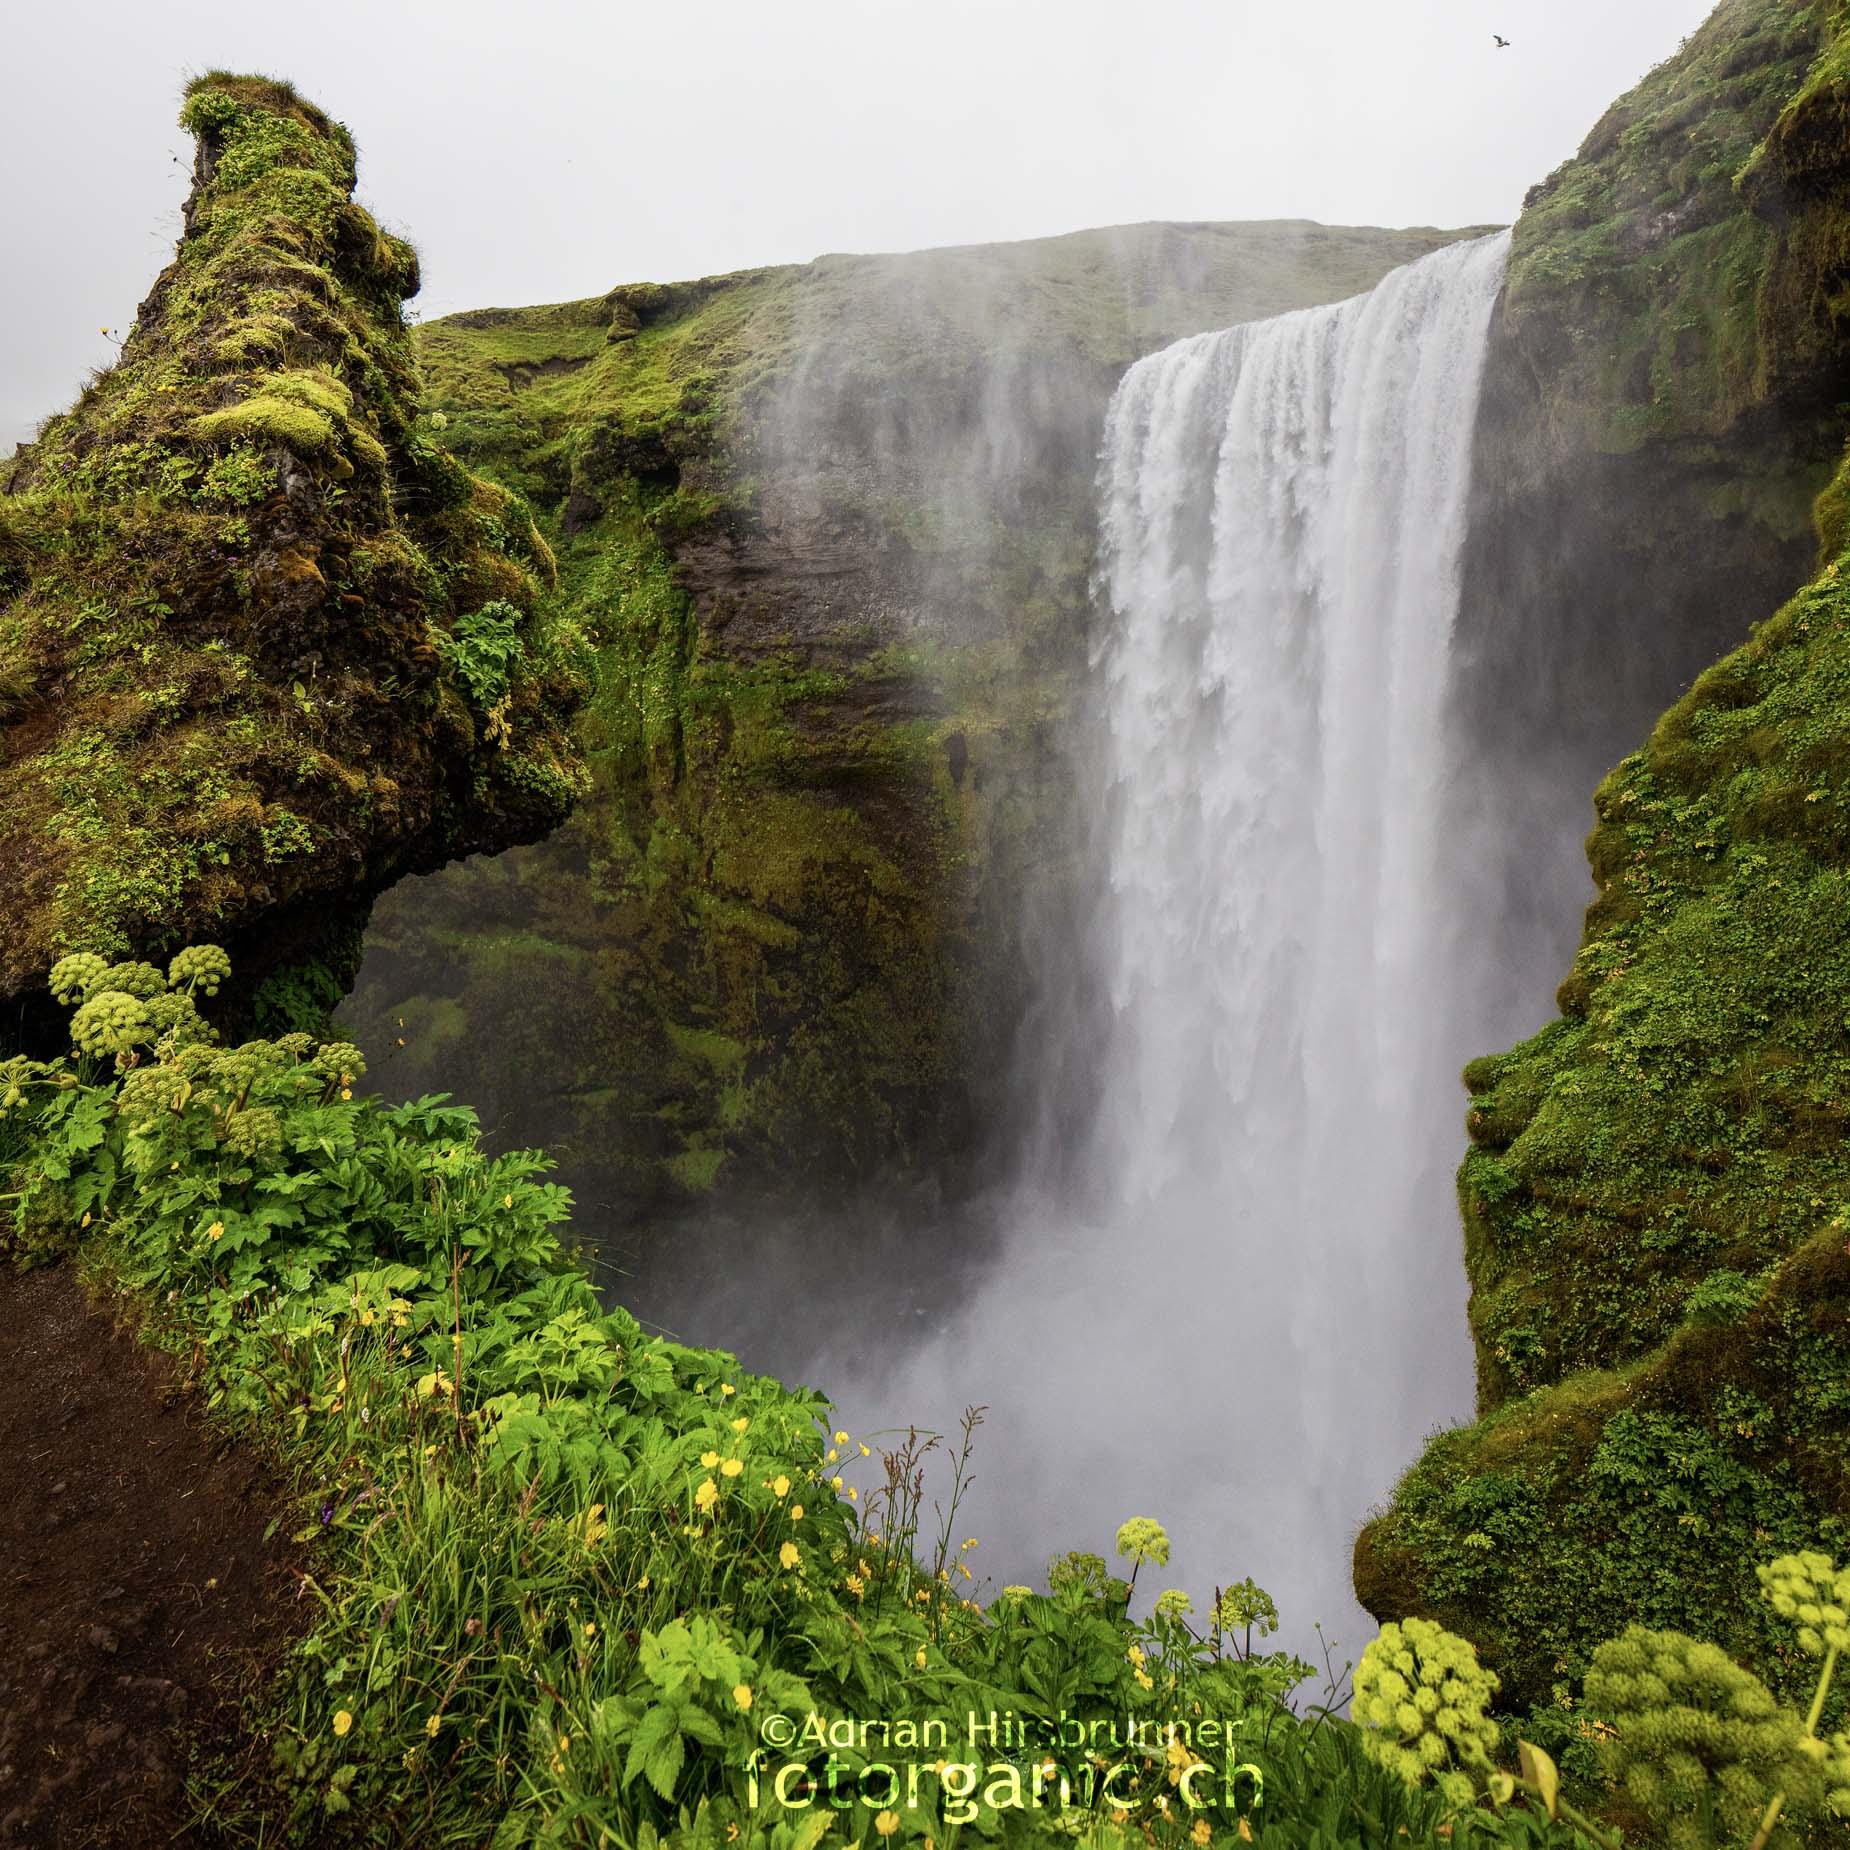 Ein Aussichtspunkt auf halber Höhe des Wasserfalls Skógafoss